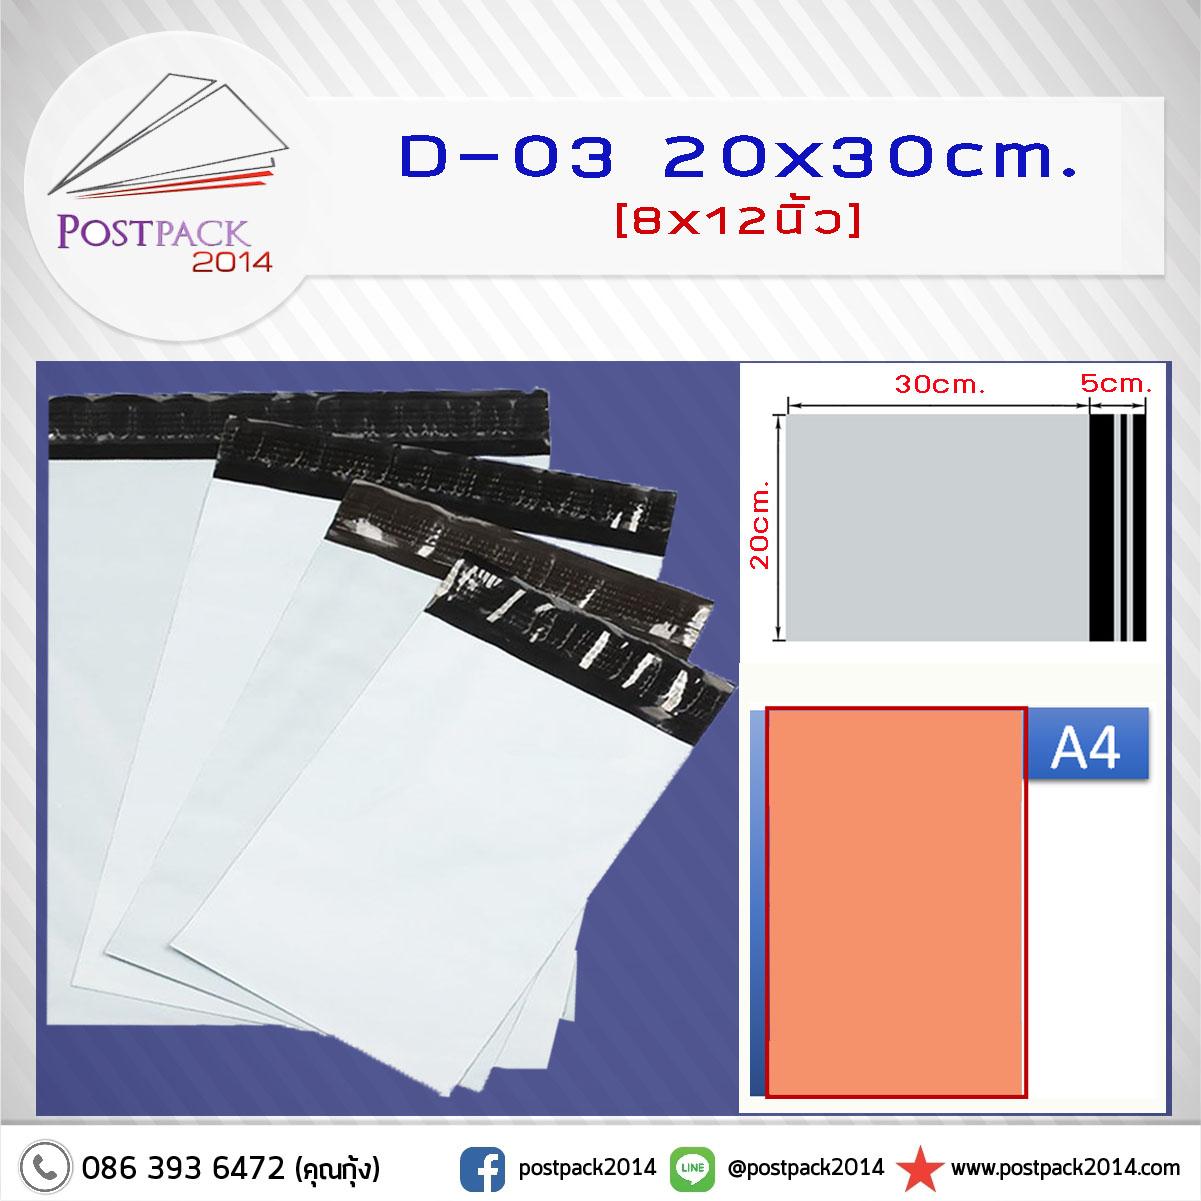 ซองไปรษณีย์พลาสติก 20x30 cm. (8x12นิ้ว)